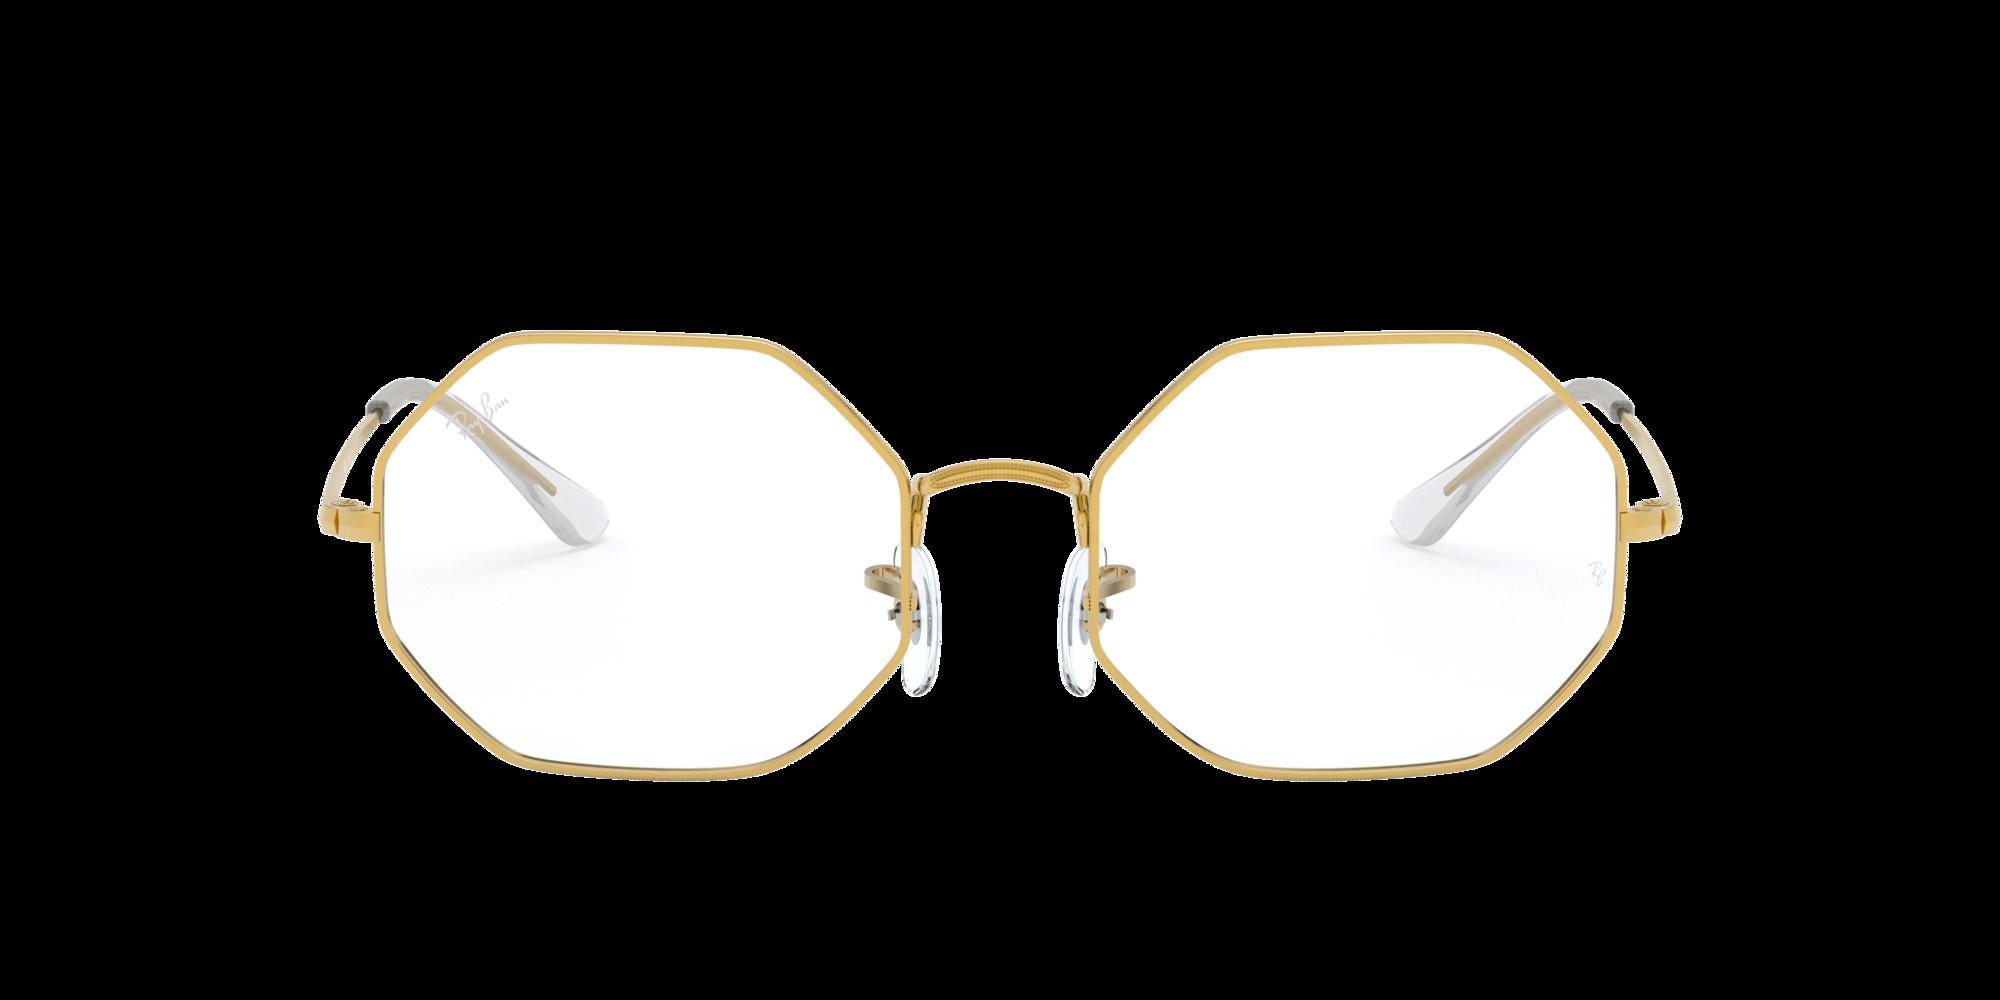 Imagen para RX1972V de LensCrafters |  Espejuelos, espejuelos graduados en línea, gafas